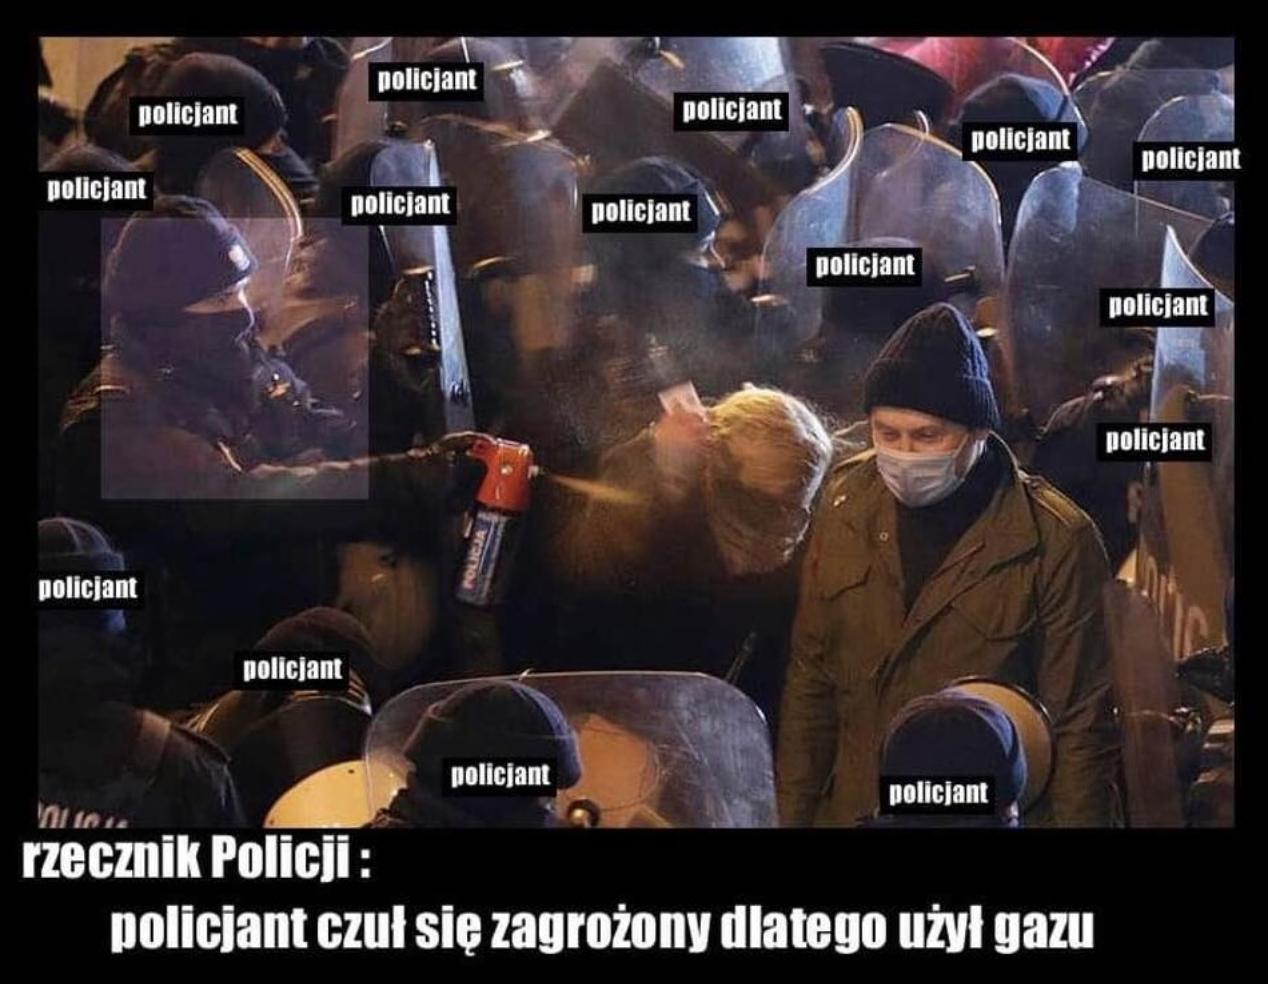 Policja pokazuje nagranie z Nowacką i tłumaczy, że nie ma obowiązku znać każdego polityka